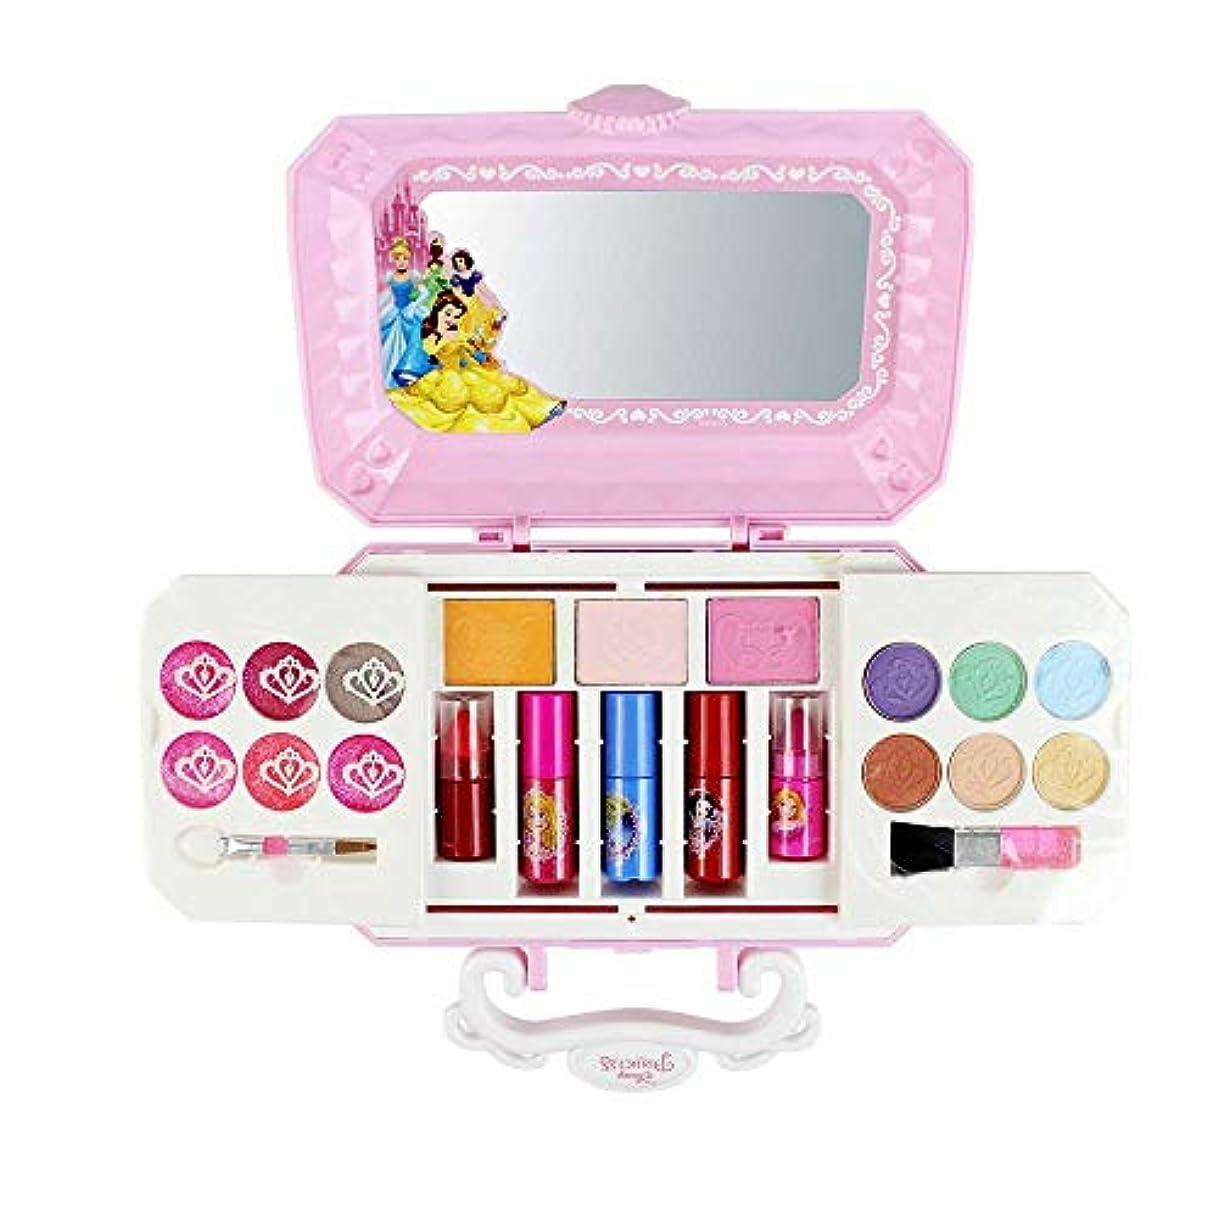 威信騒乱名誉ある子供用美容化粧品セット、(22パック)パウダーケーキパフアイシャドウマニキュアメイクアップブラシなど化粧品メイクアップセットが含まれています